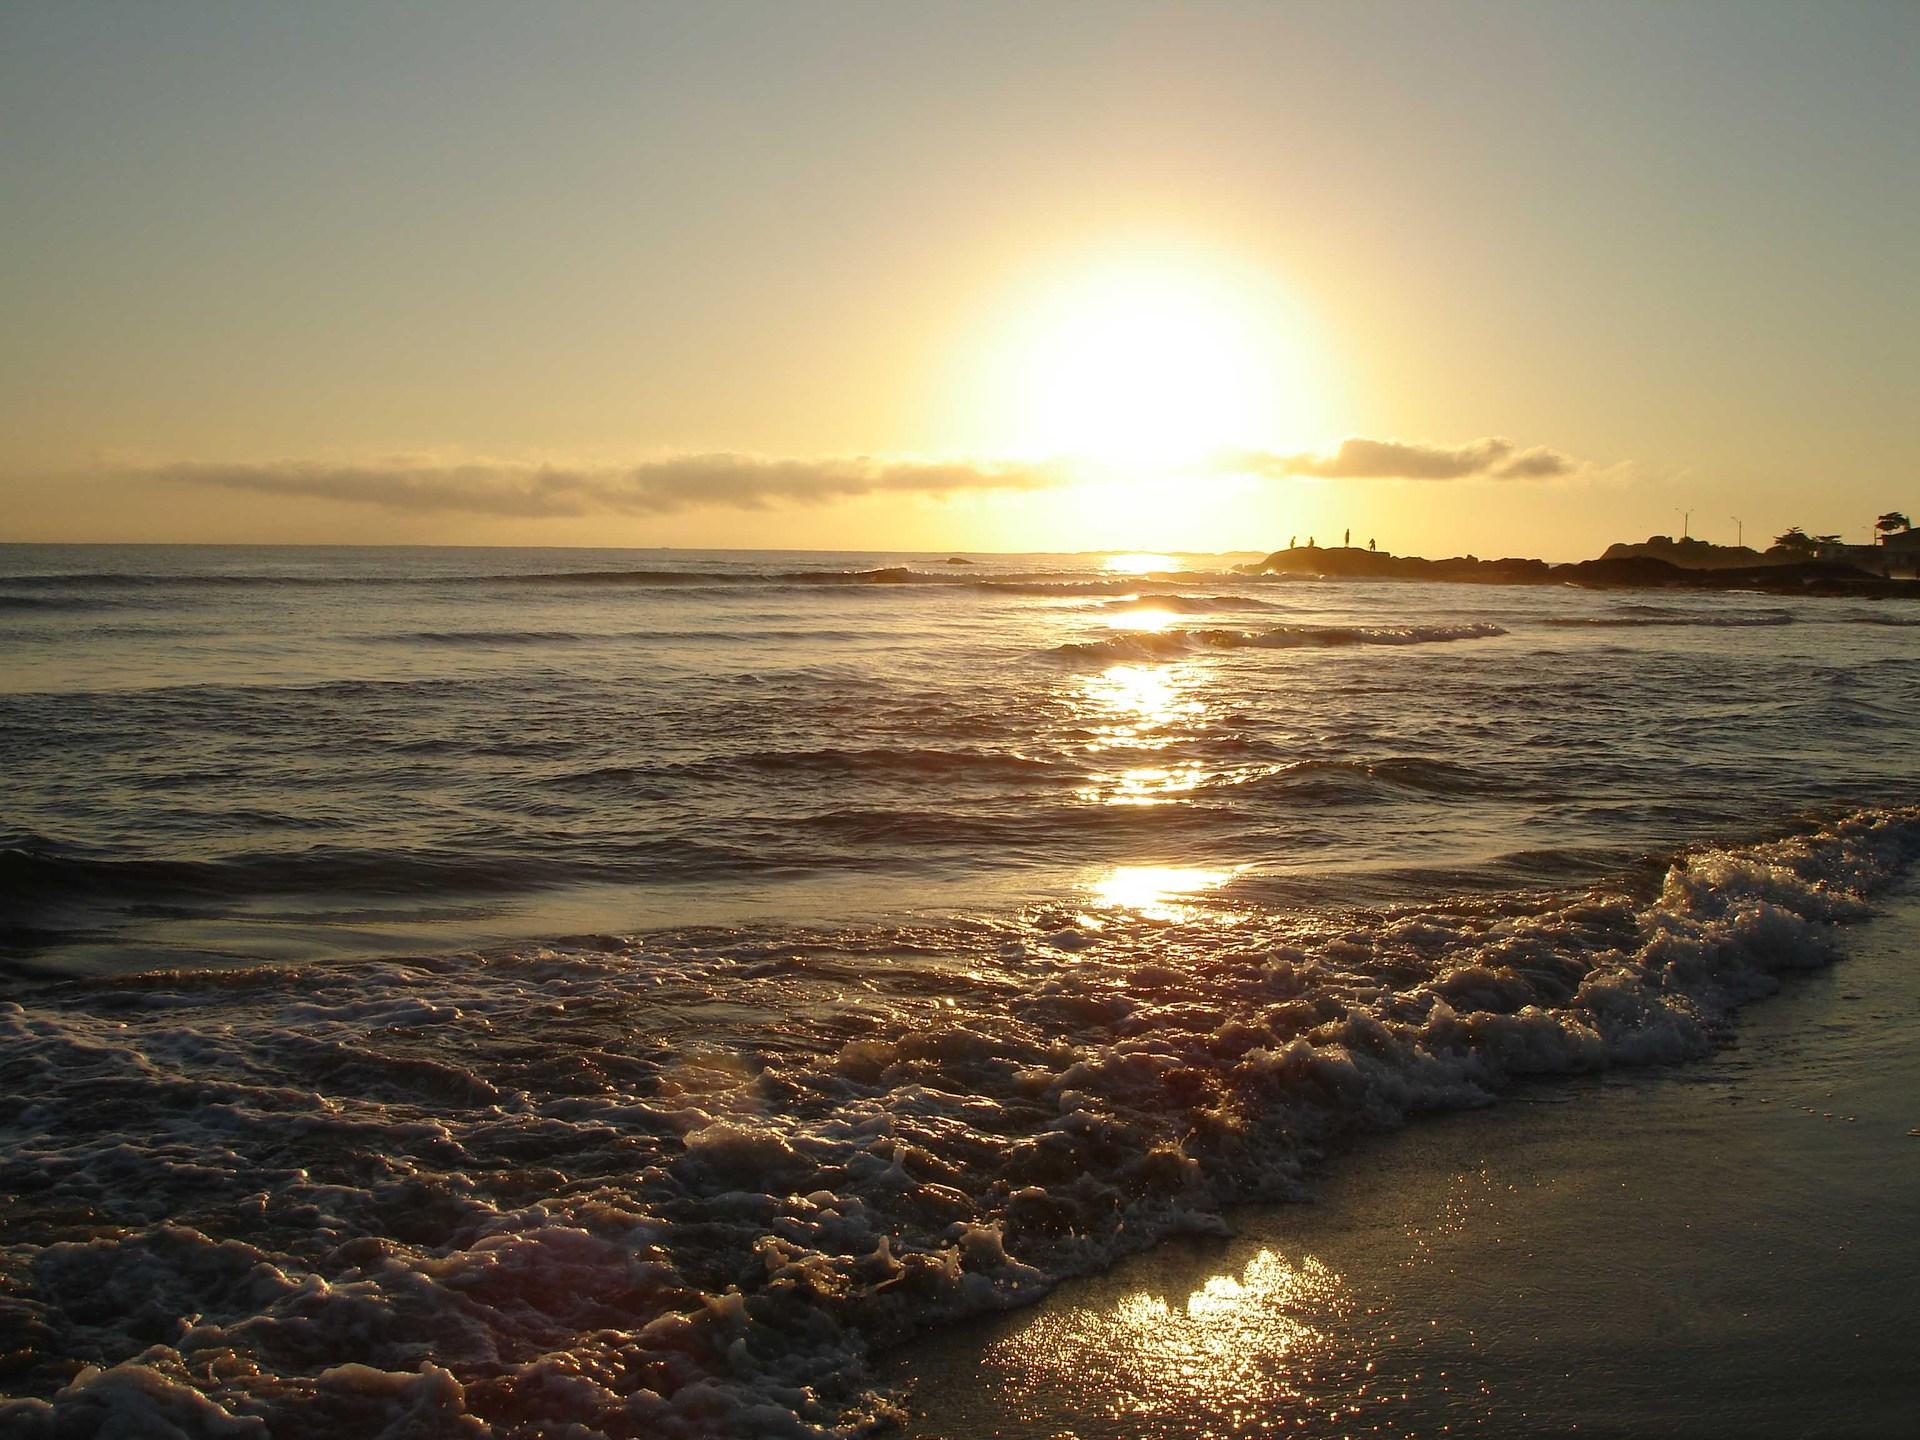 beach-1367215-1920x1440